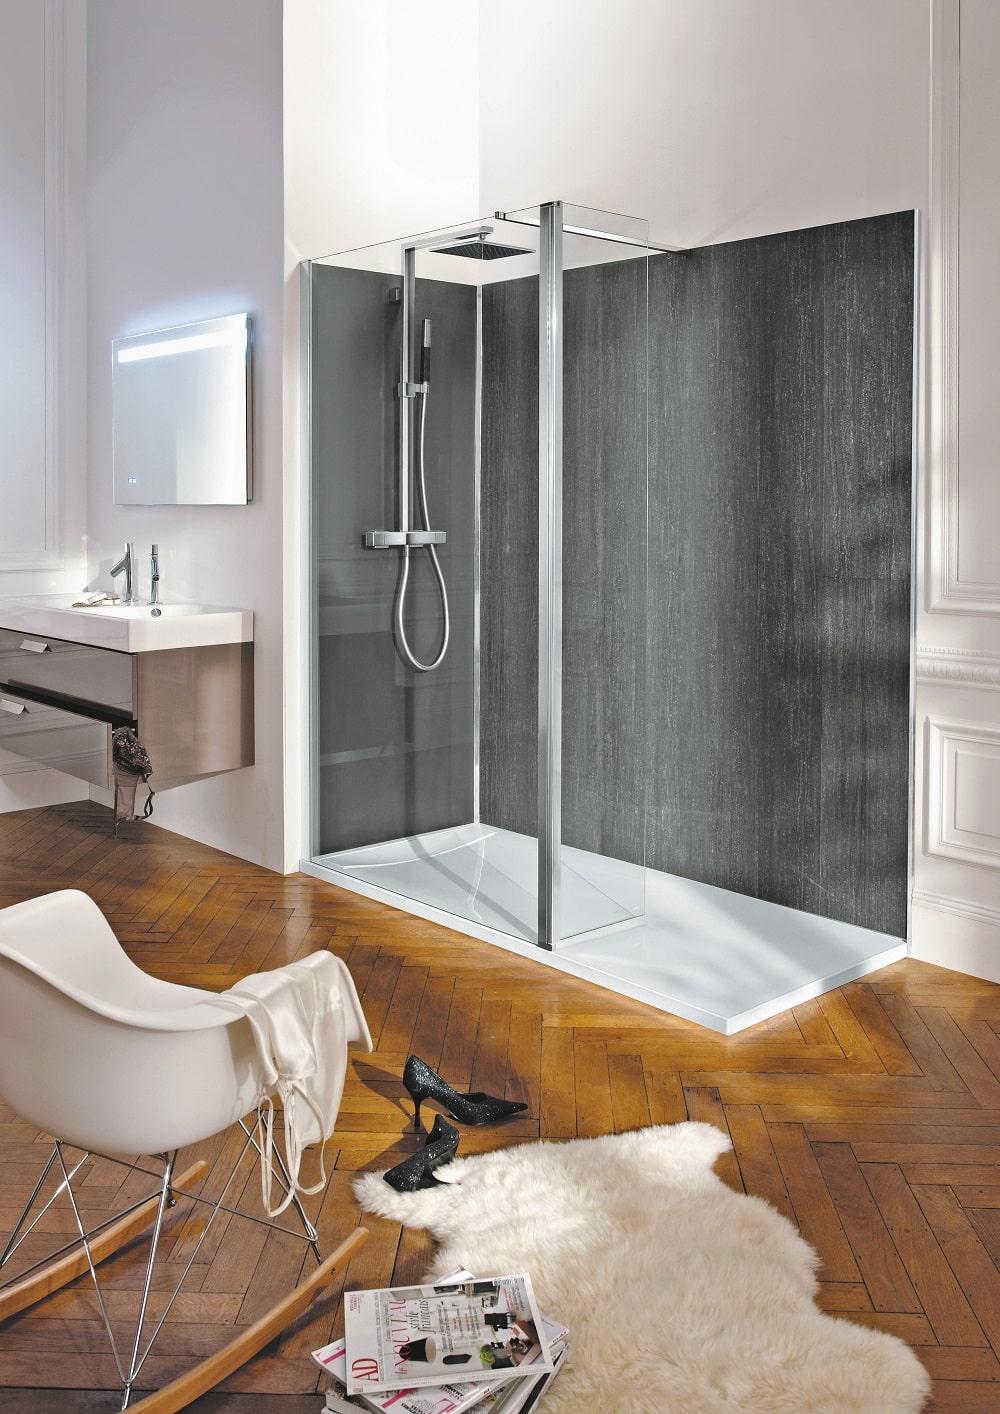 18 types de revêtement mural pour la douche  Cedeo